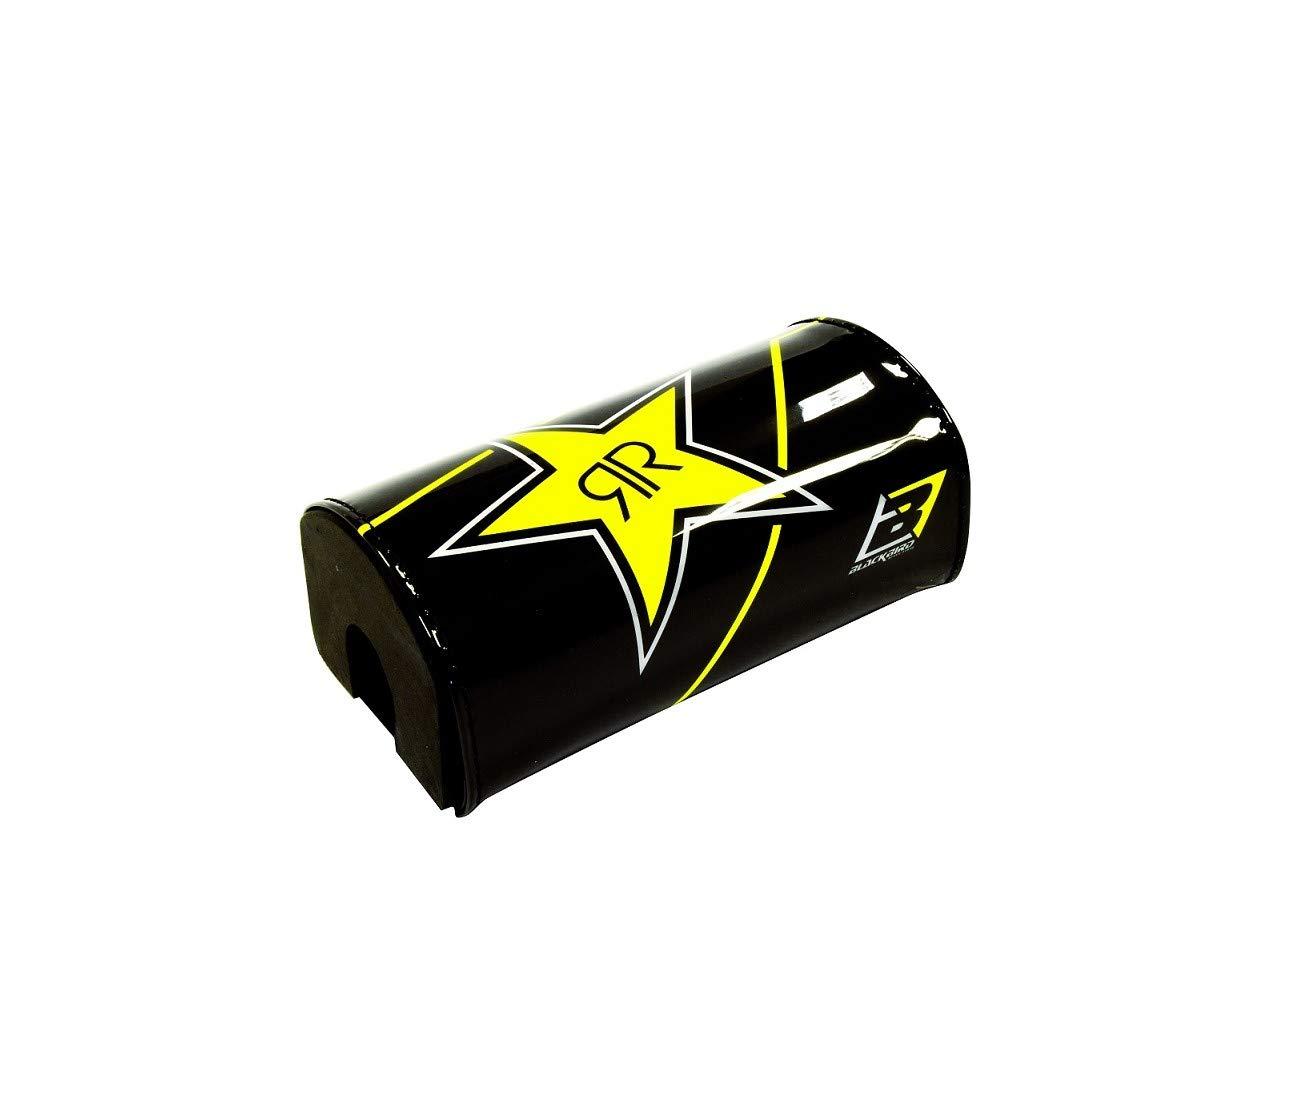 MOUSSE DE GUIDON BLACKBIRD Rockstar Energy-874338 ADAPT